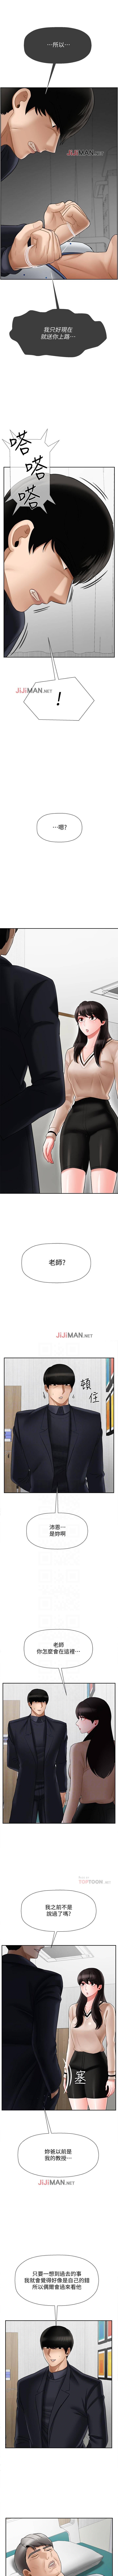 【已休刊】坏老师(作者:朴世談&福) 第1~31话 173